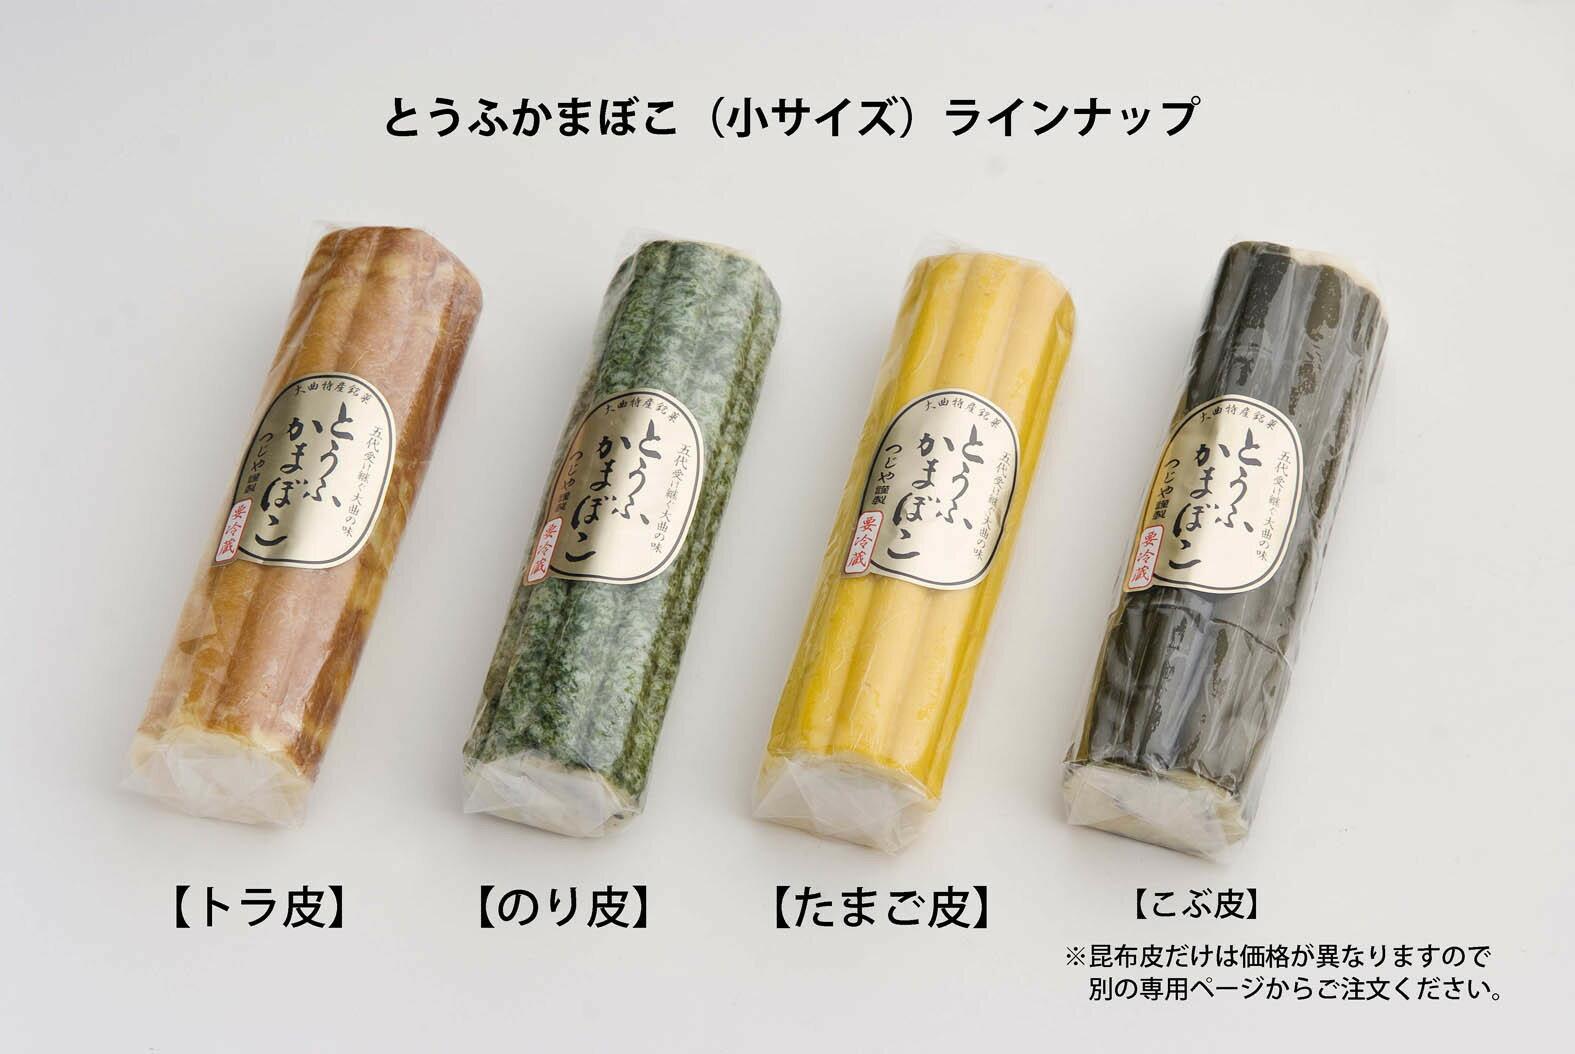 とうふかまぼこ(小サイズ)秋田で五代 手に継ぐ伝統菓子